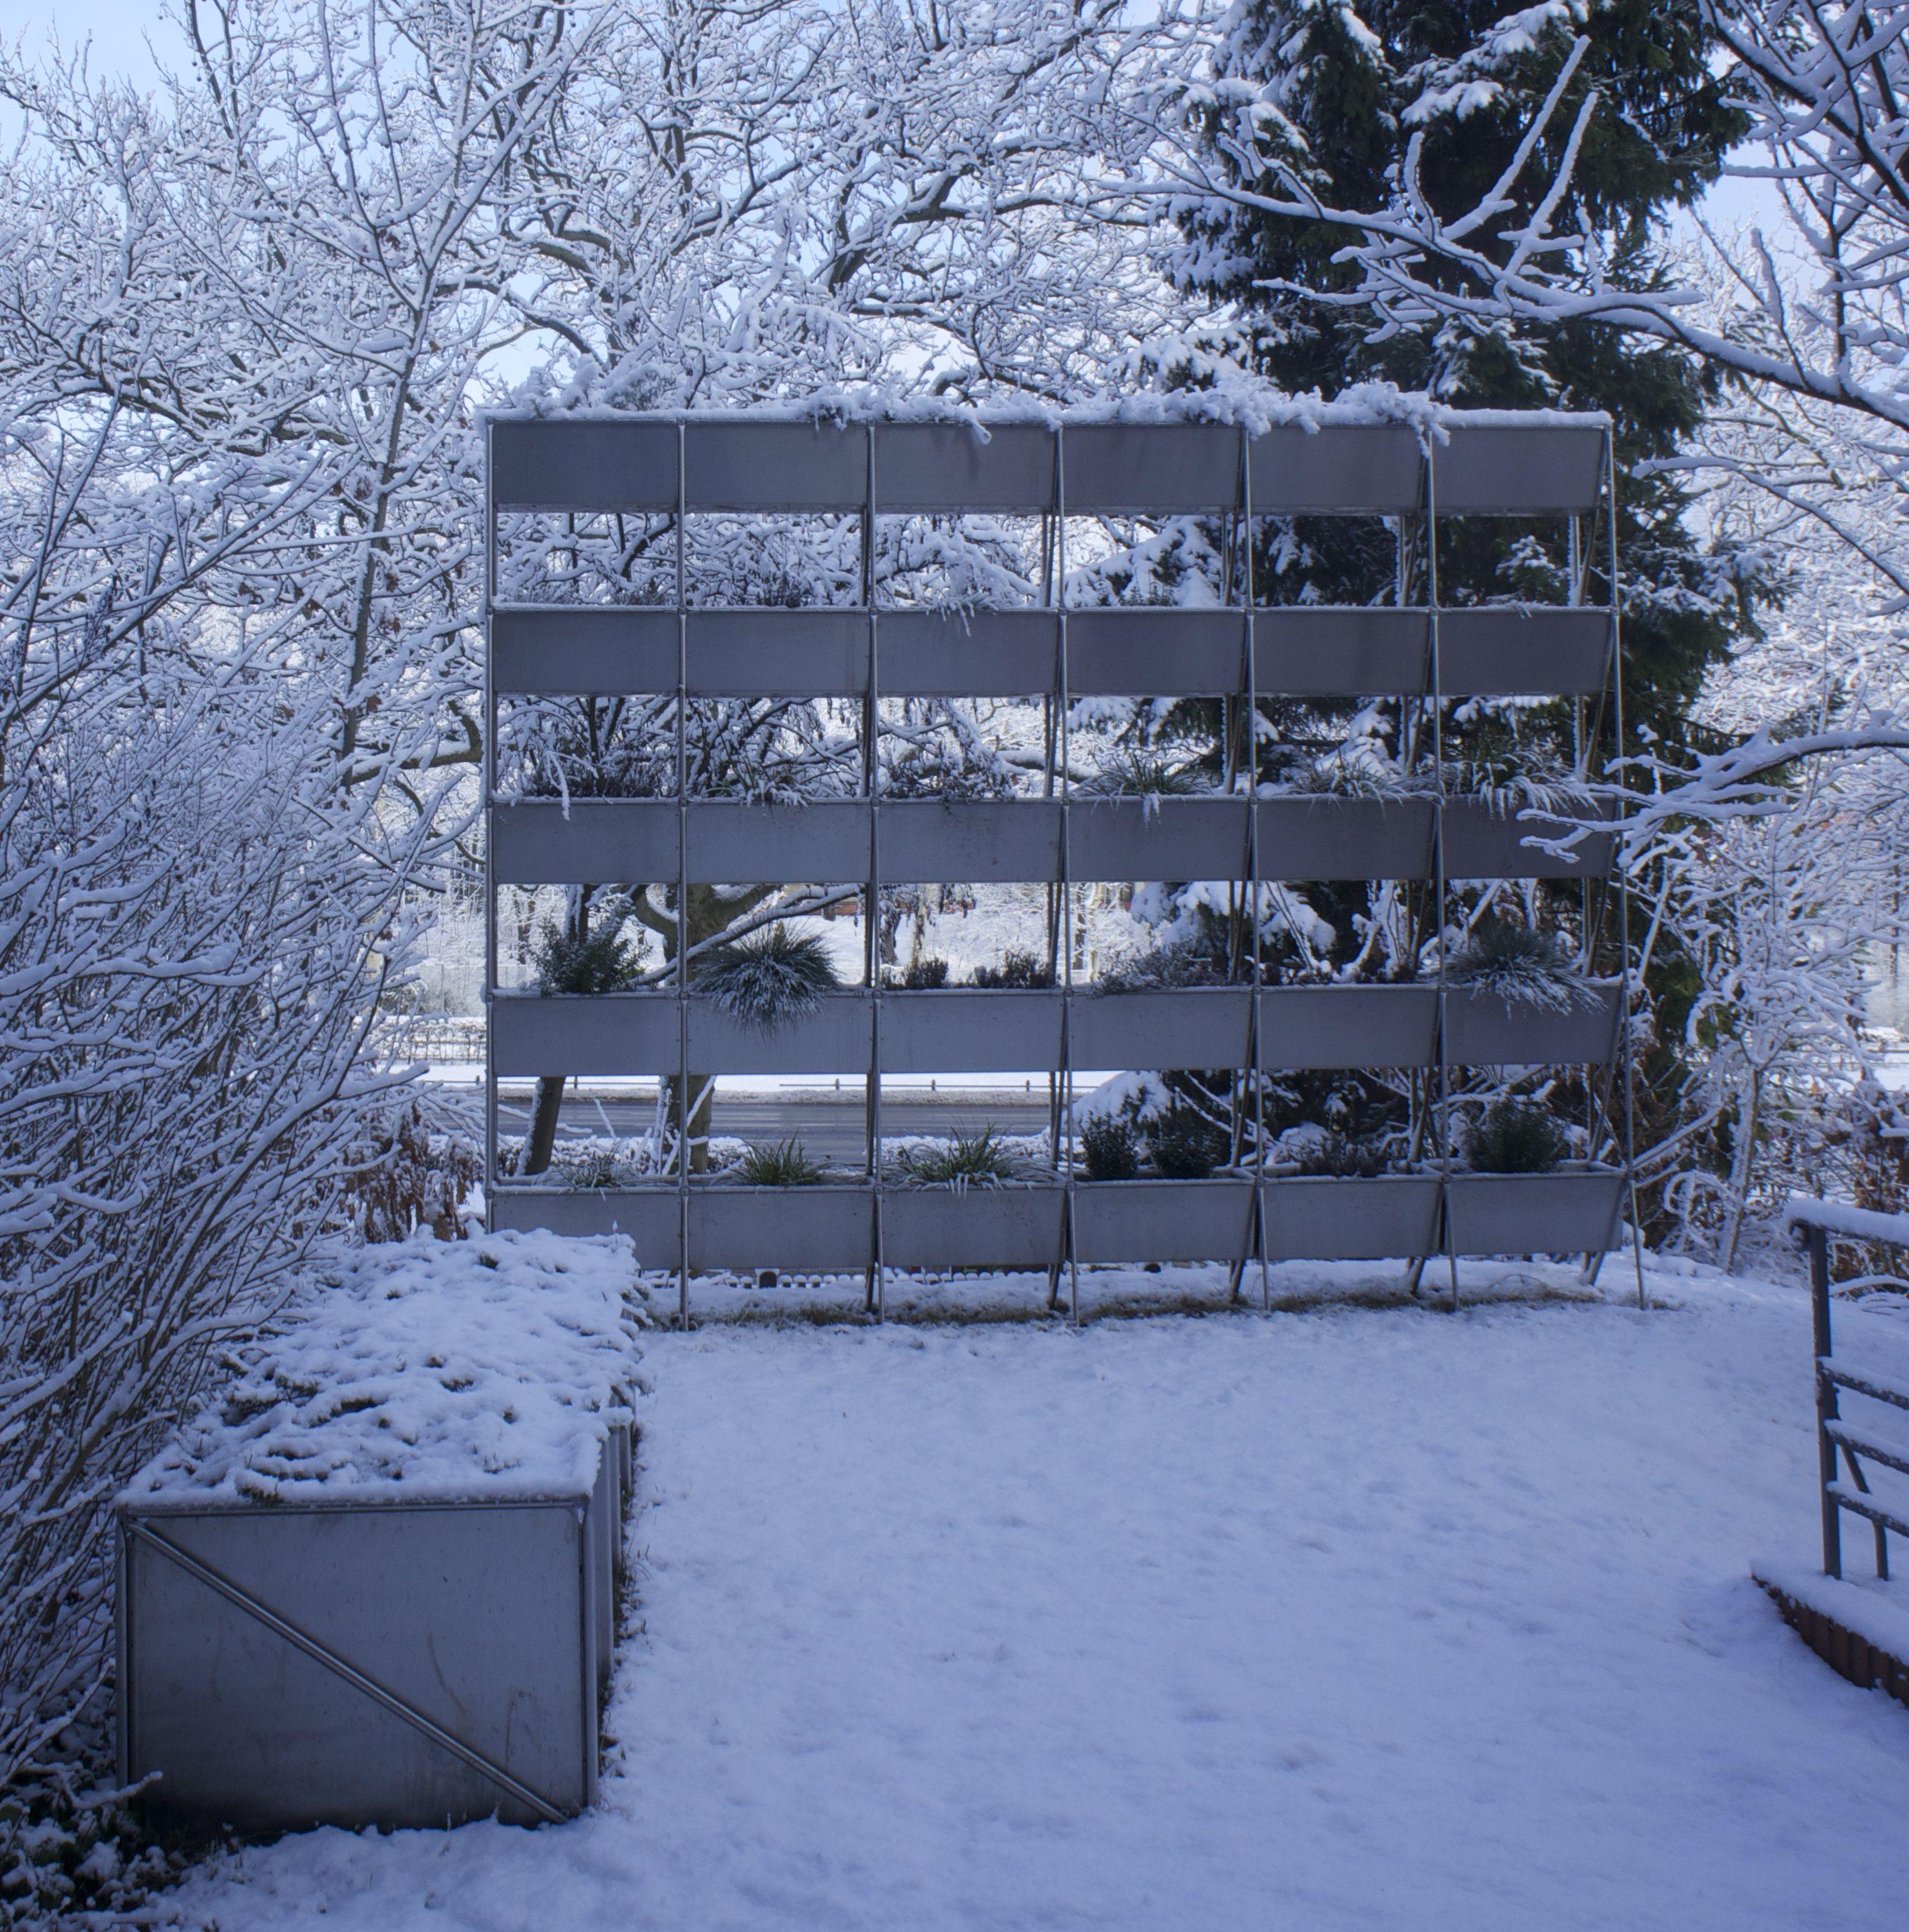 Hängende Gärten im Winter